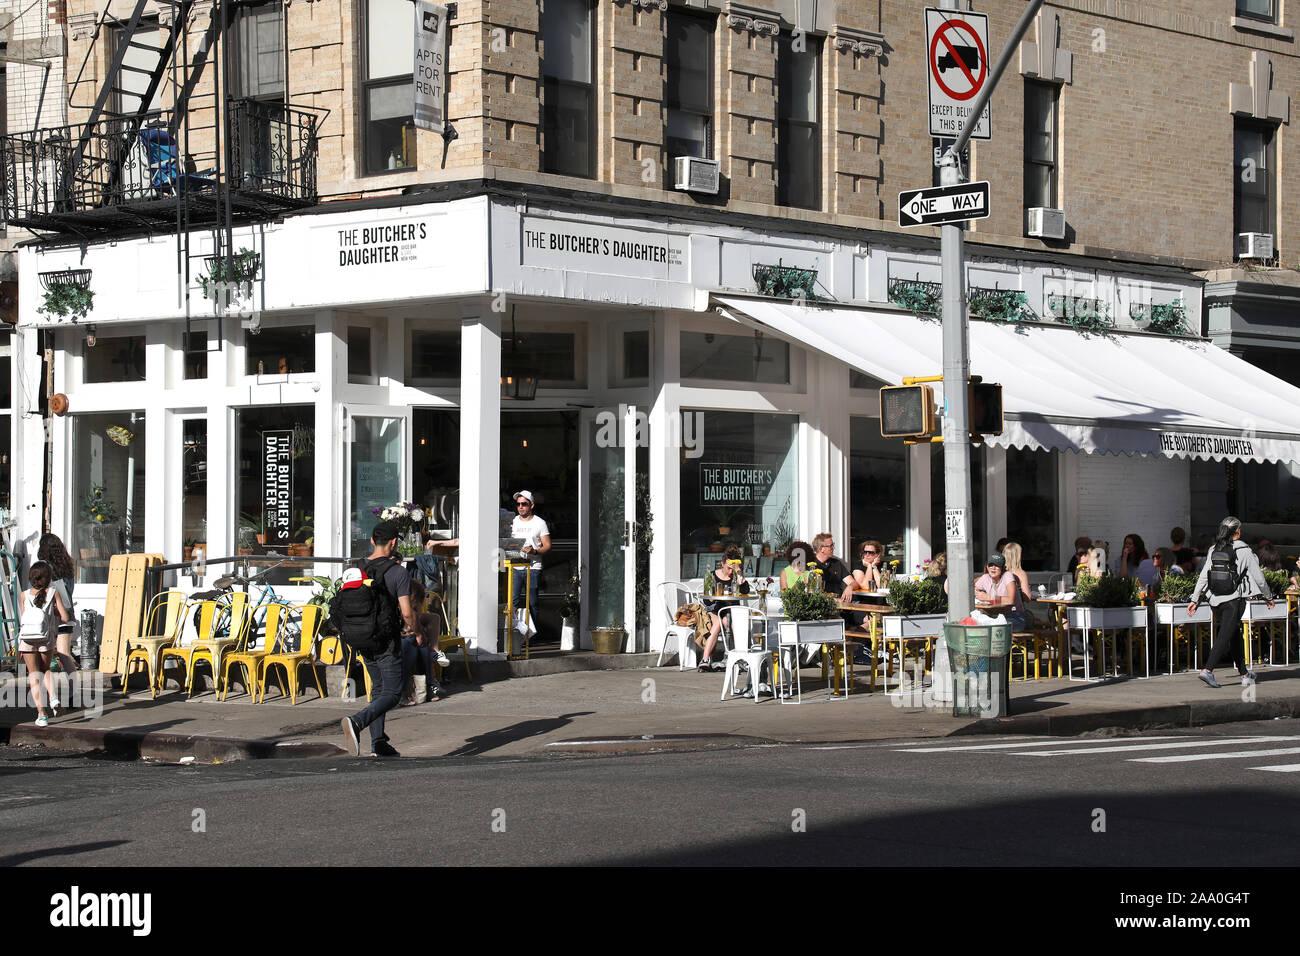 The Butcher's Daughter Café Juice Bar, Nolita, Manhattan, New York Stock Photo